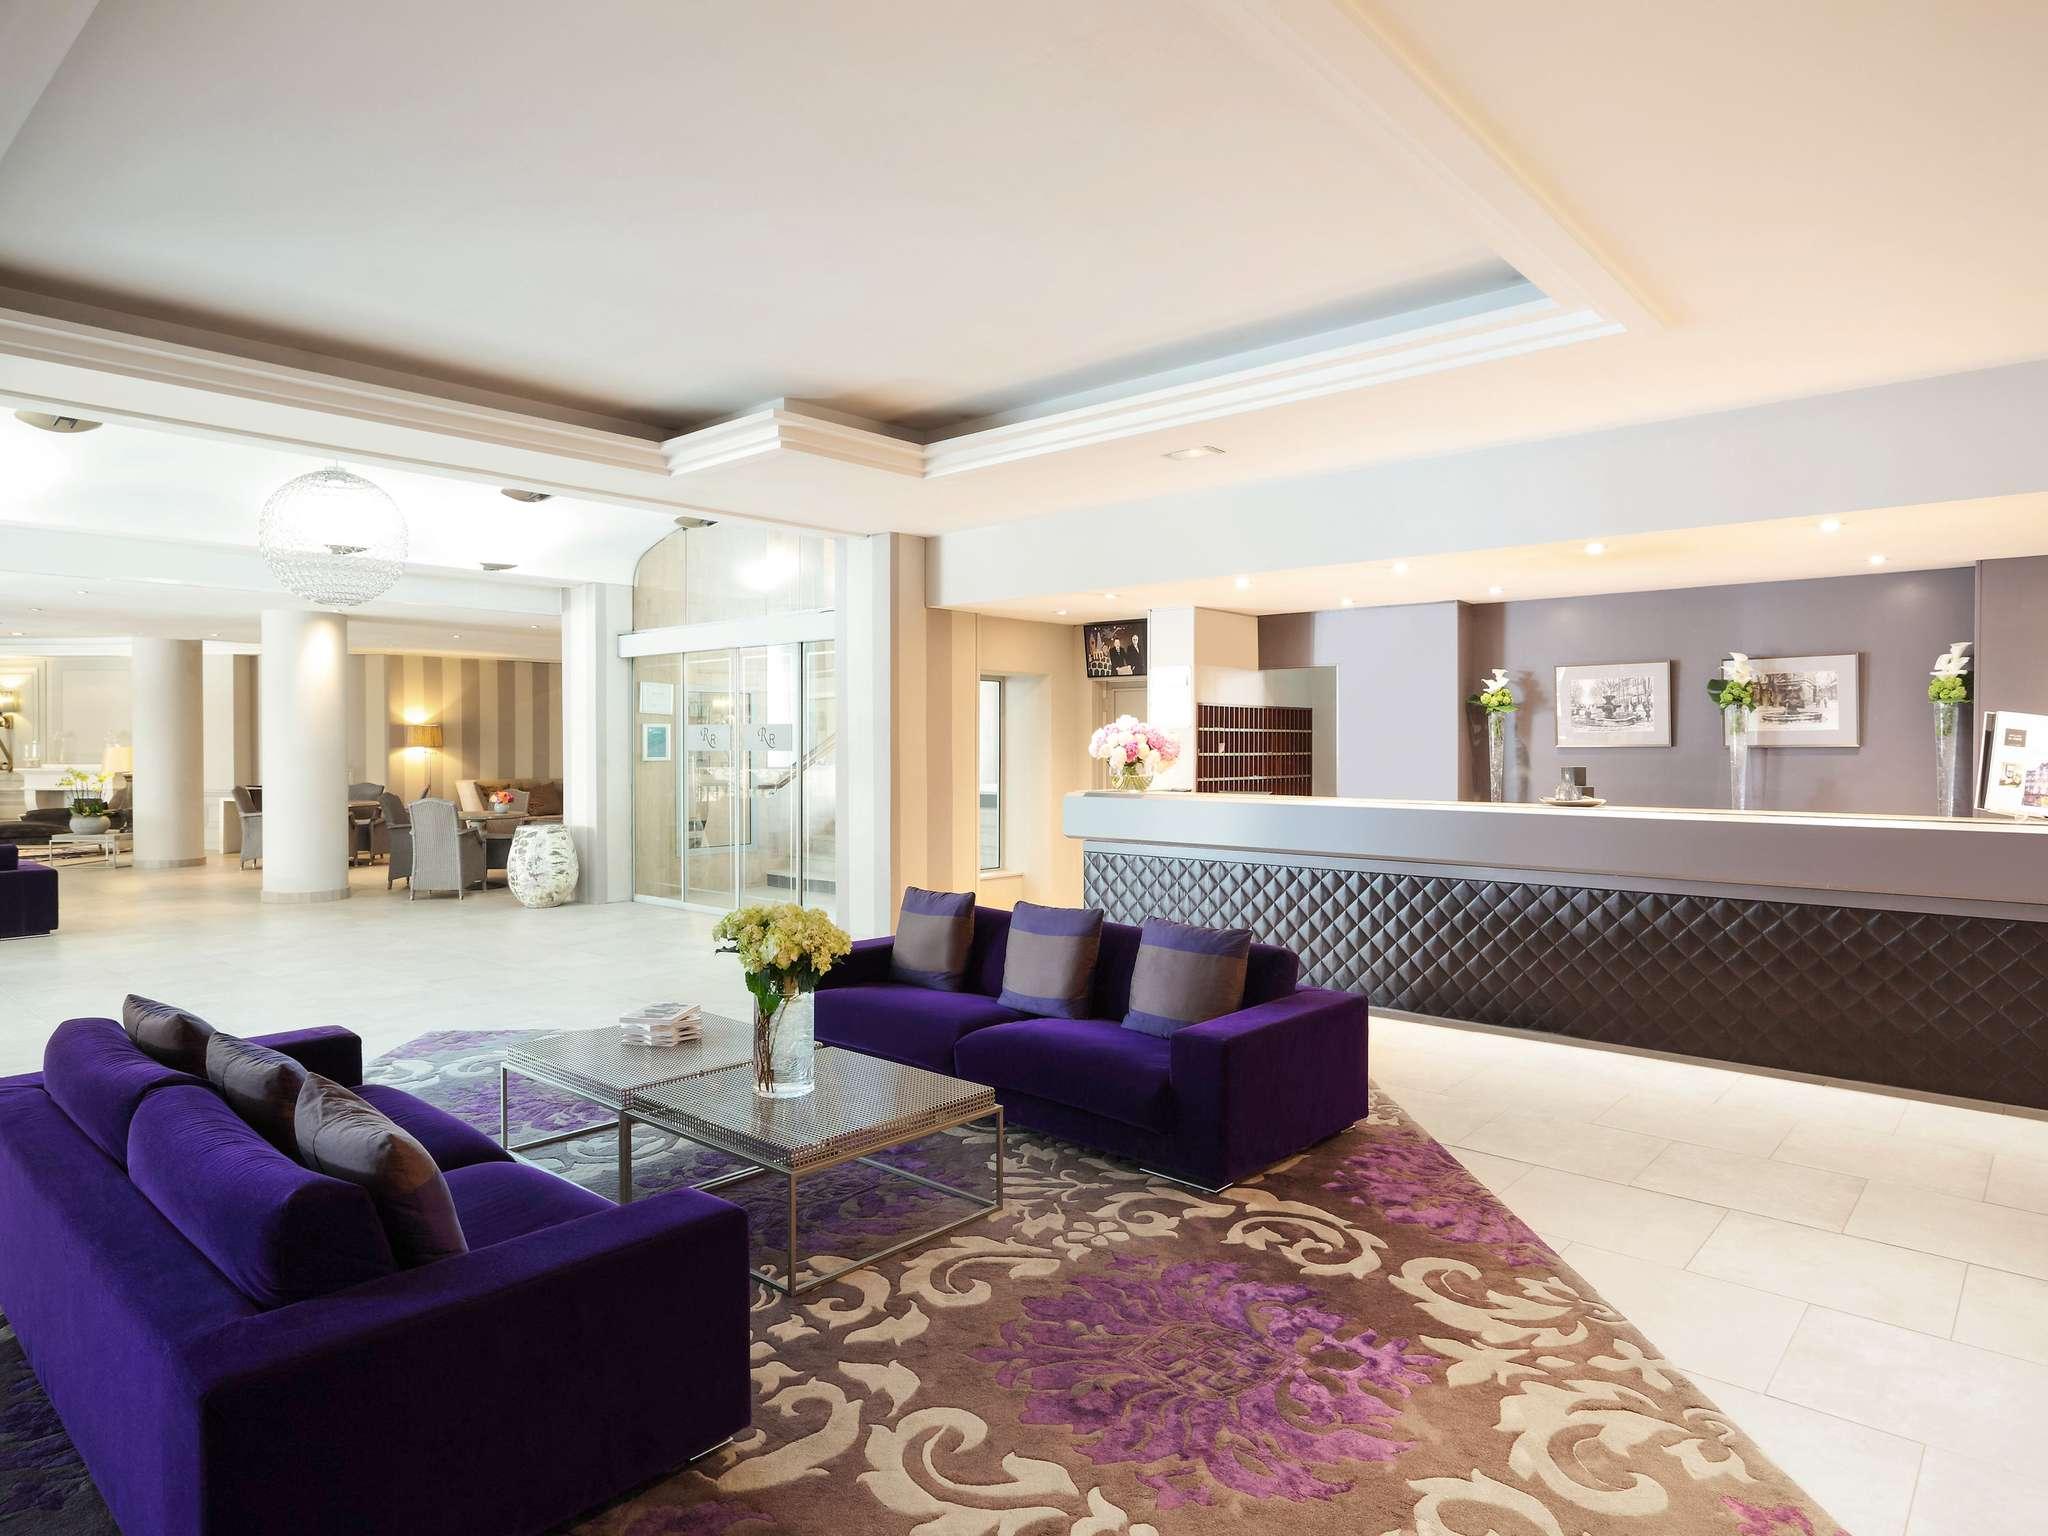 hotel in aix en provence grand hà tel roi renà aix en provence